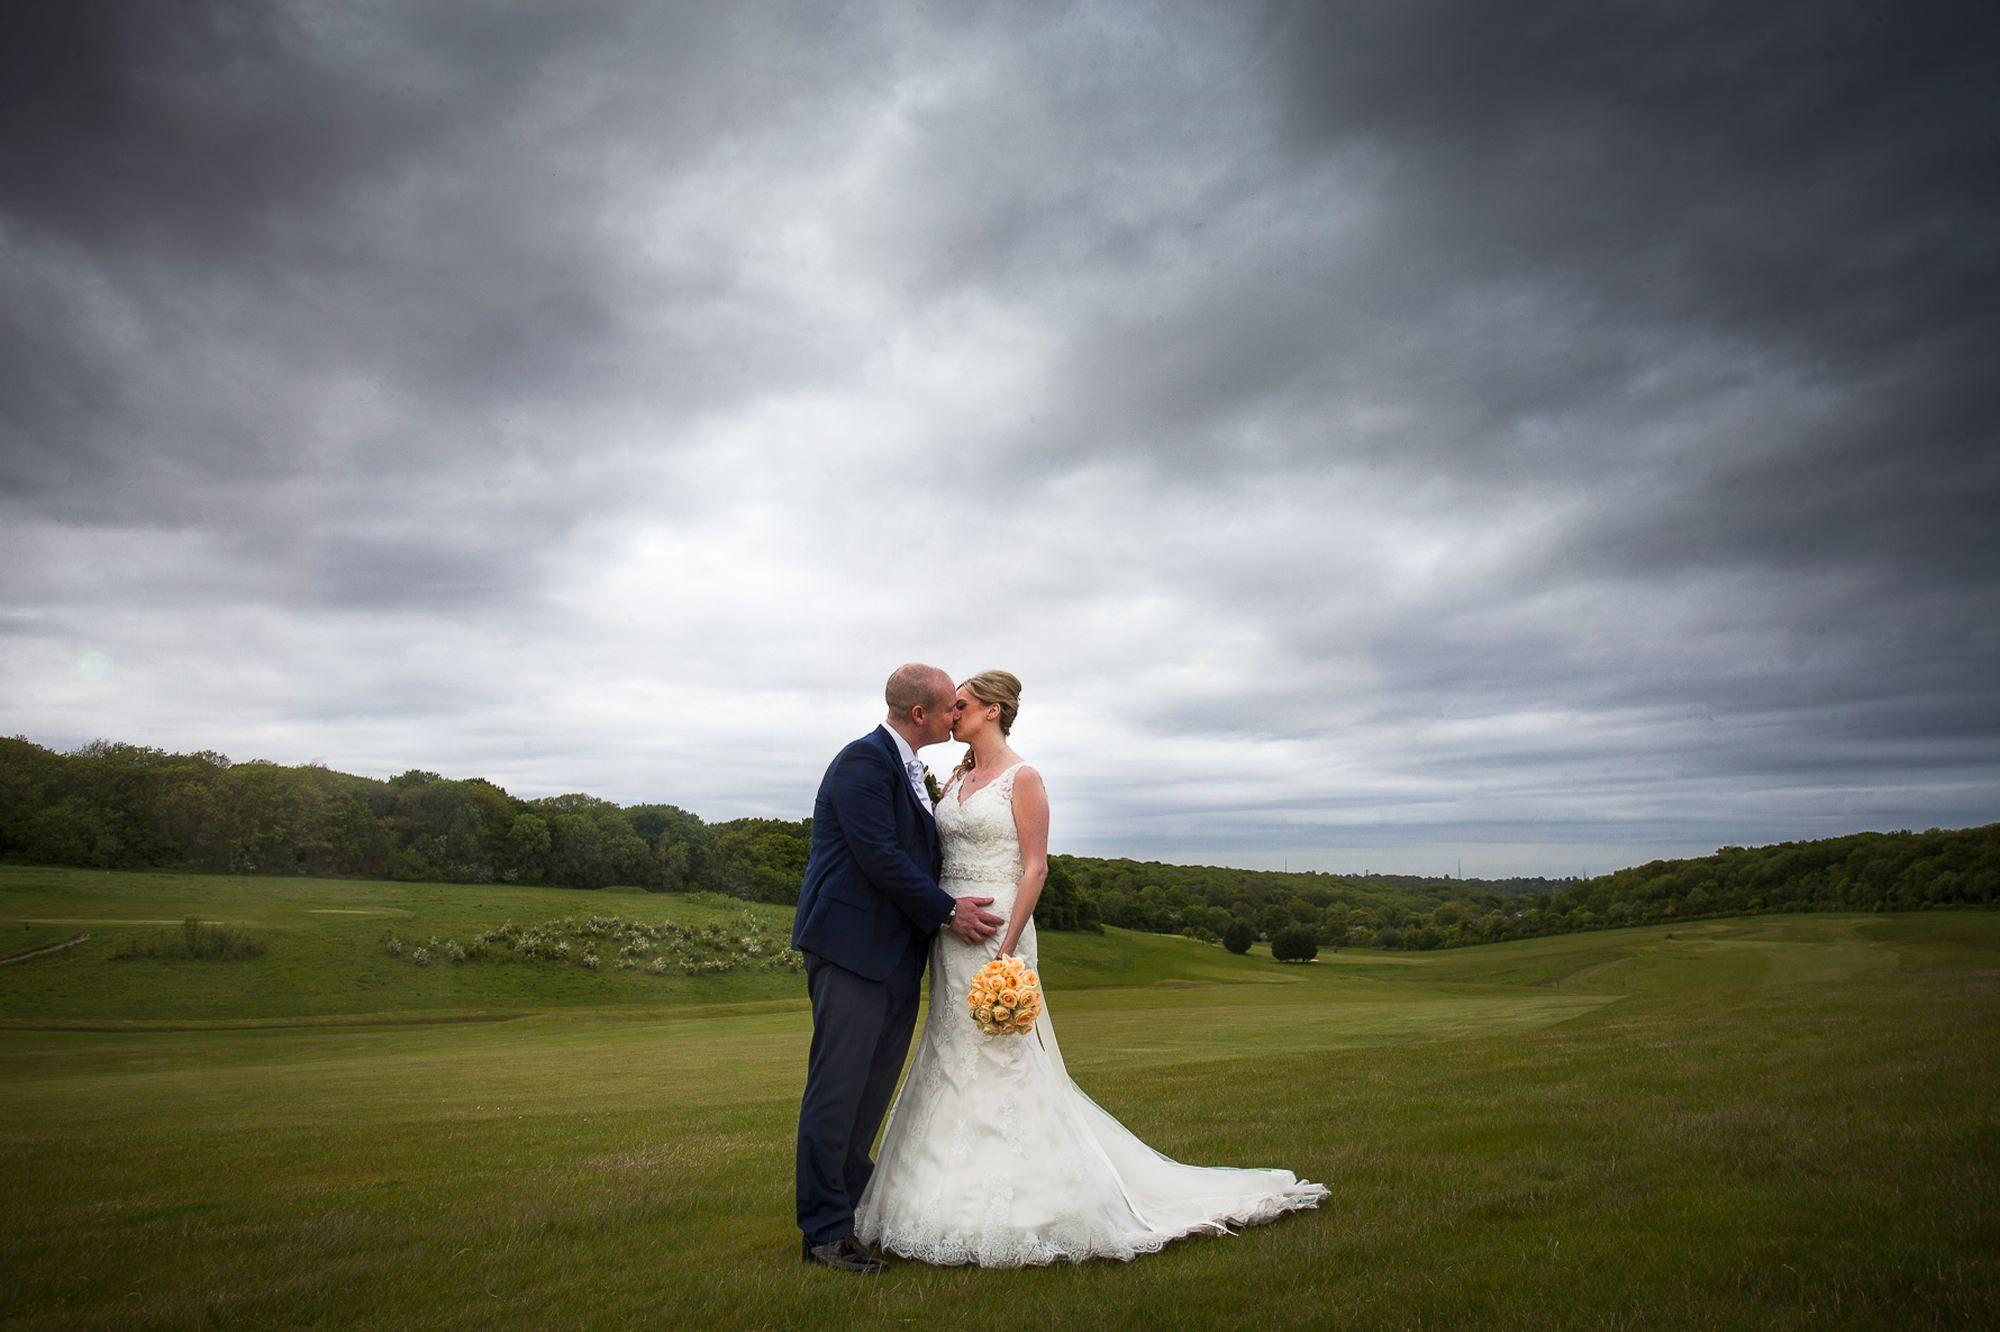 farleigh-golf-club-wedding-11